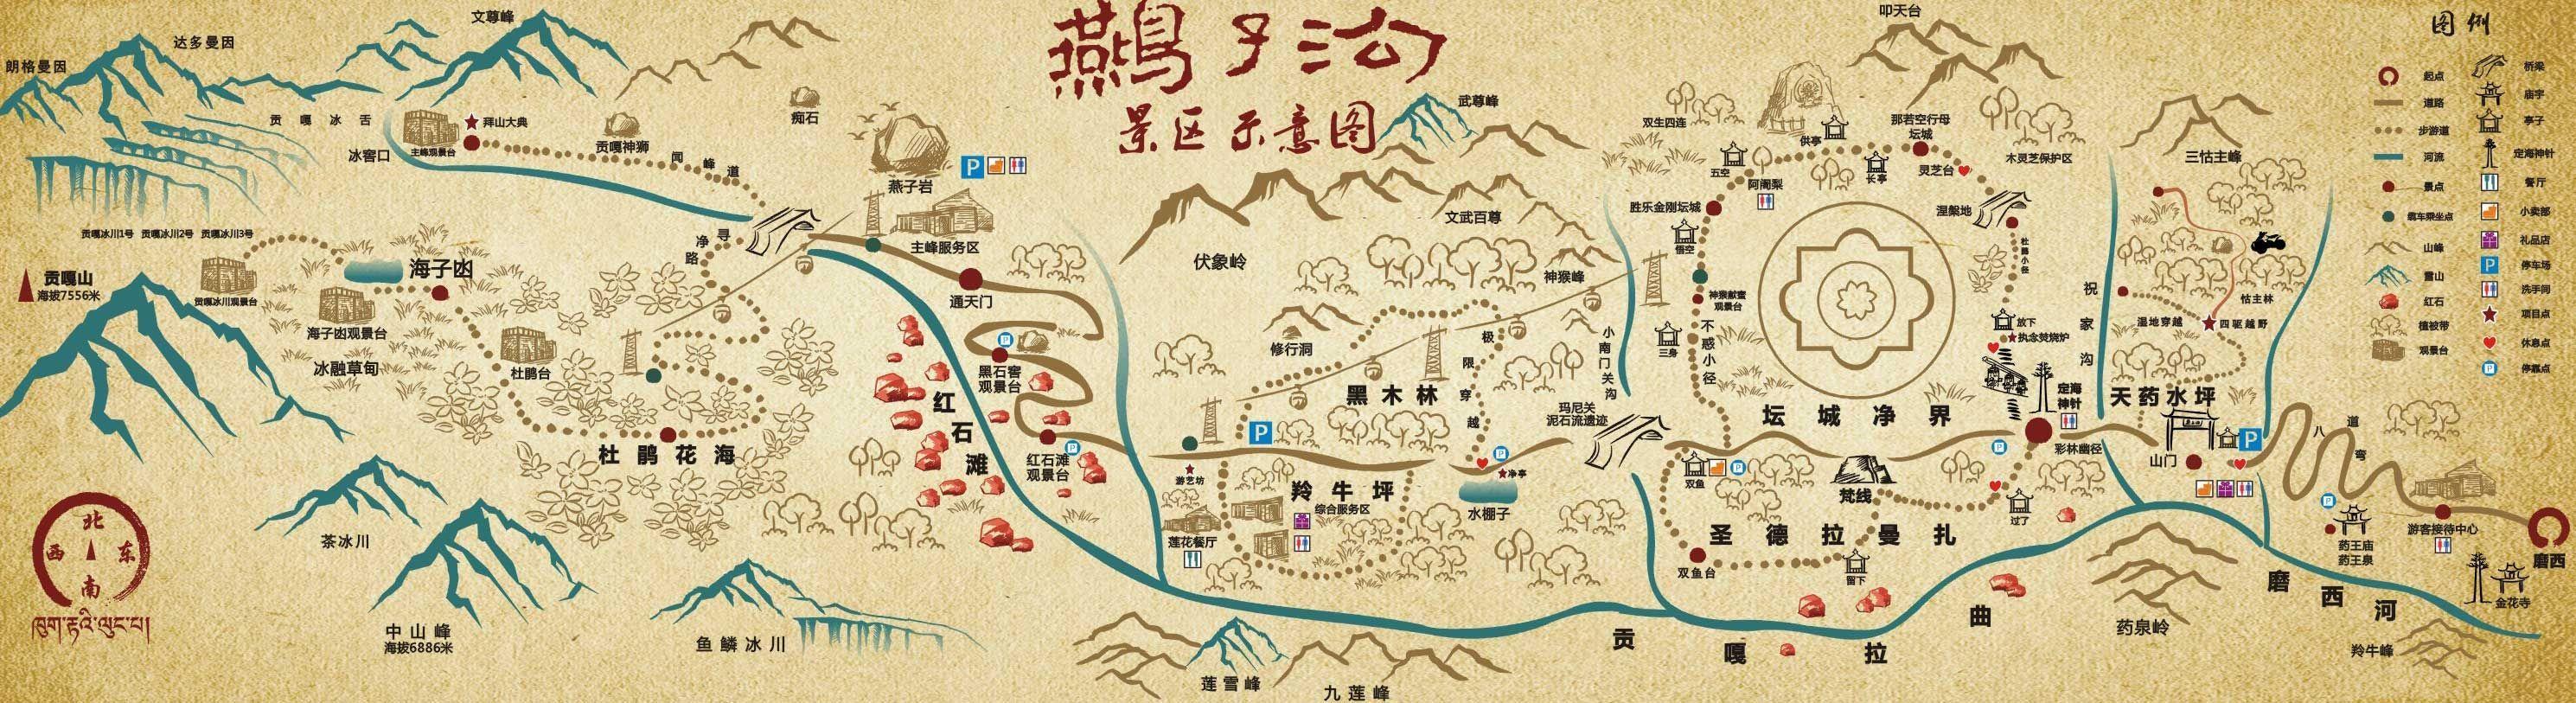 燕子沟风景区地图